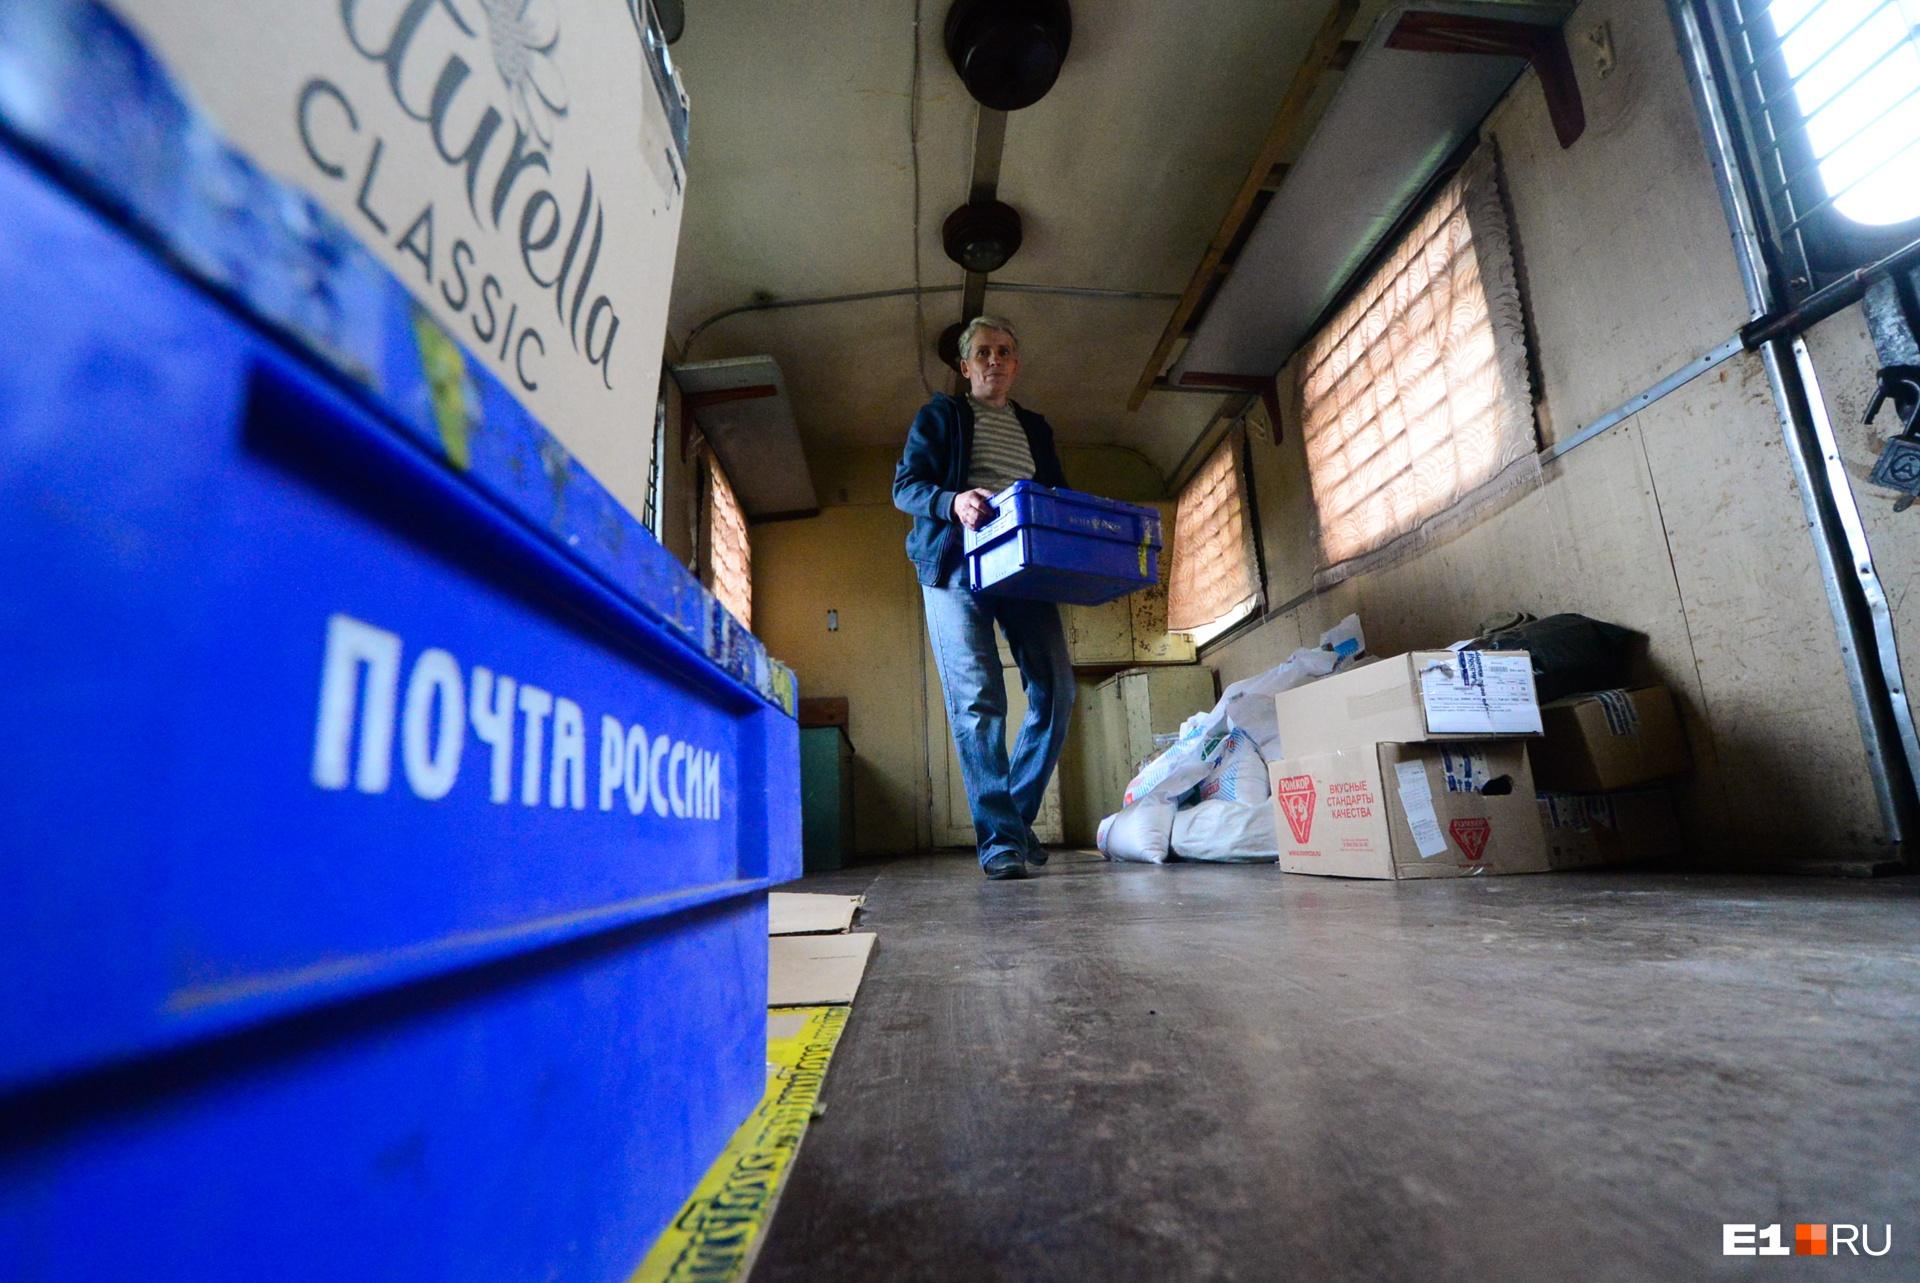 В почтовом вагоне едут не только отправления, но и разные товары